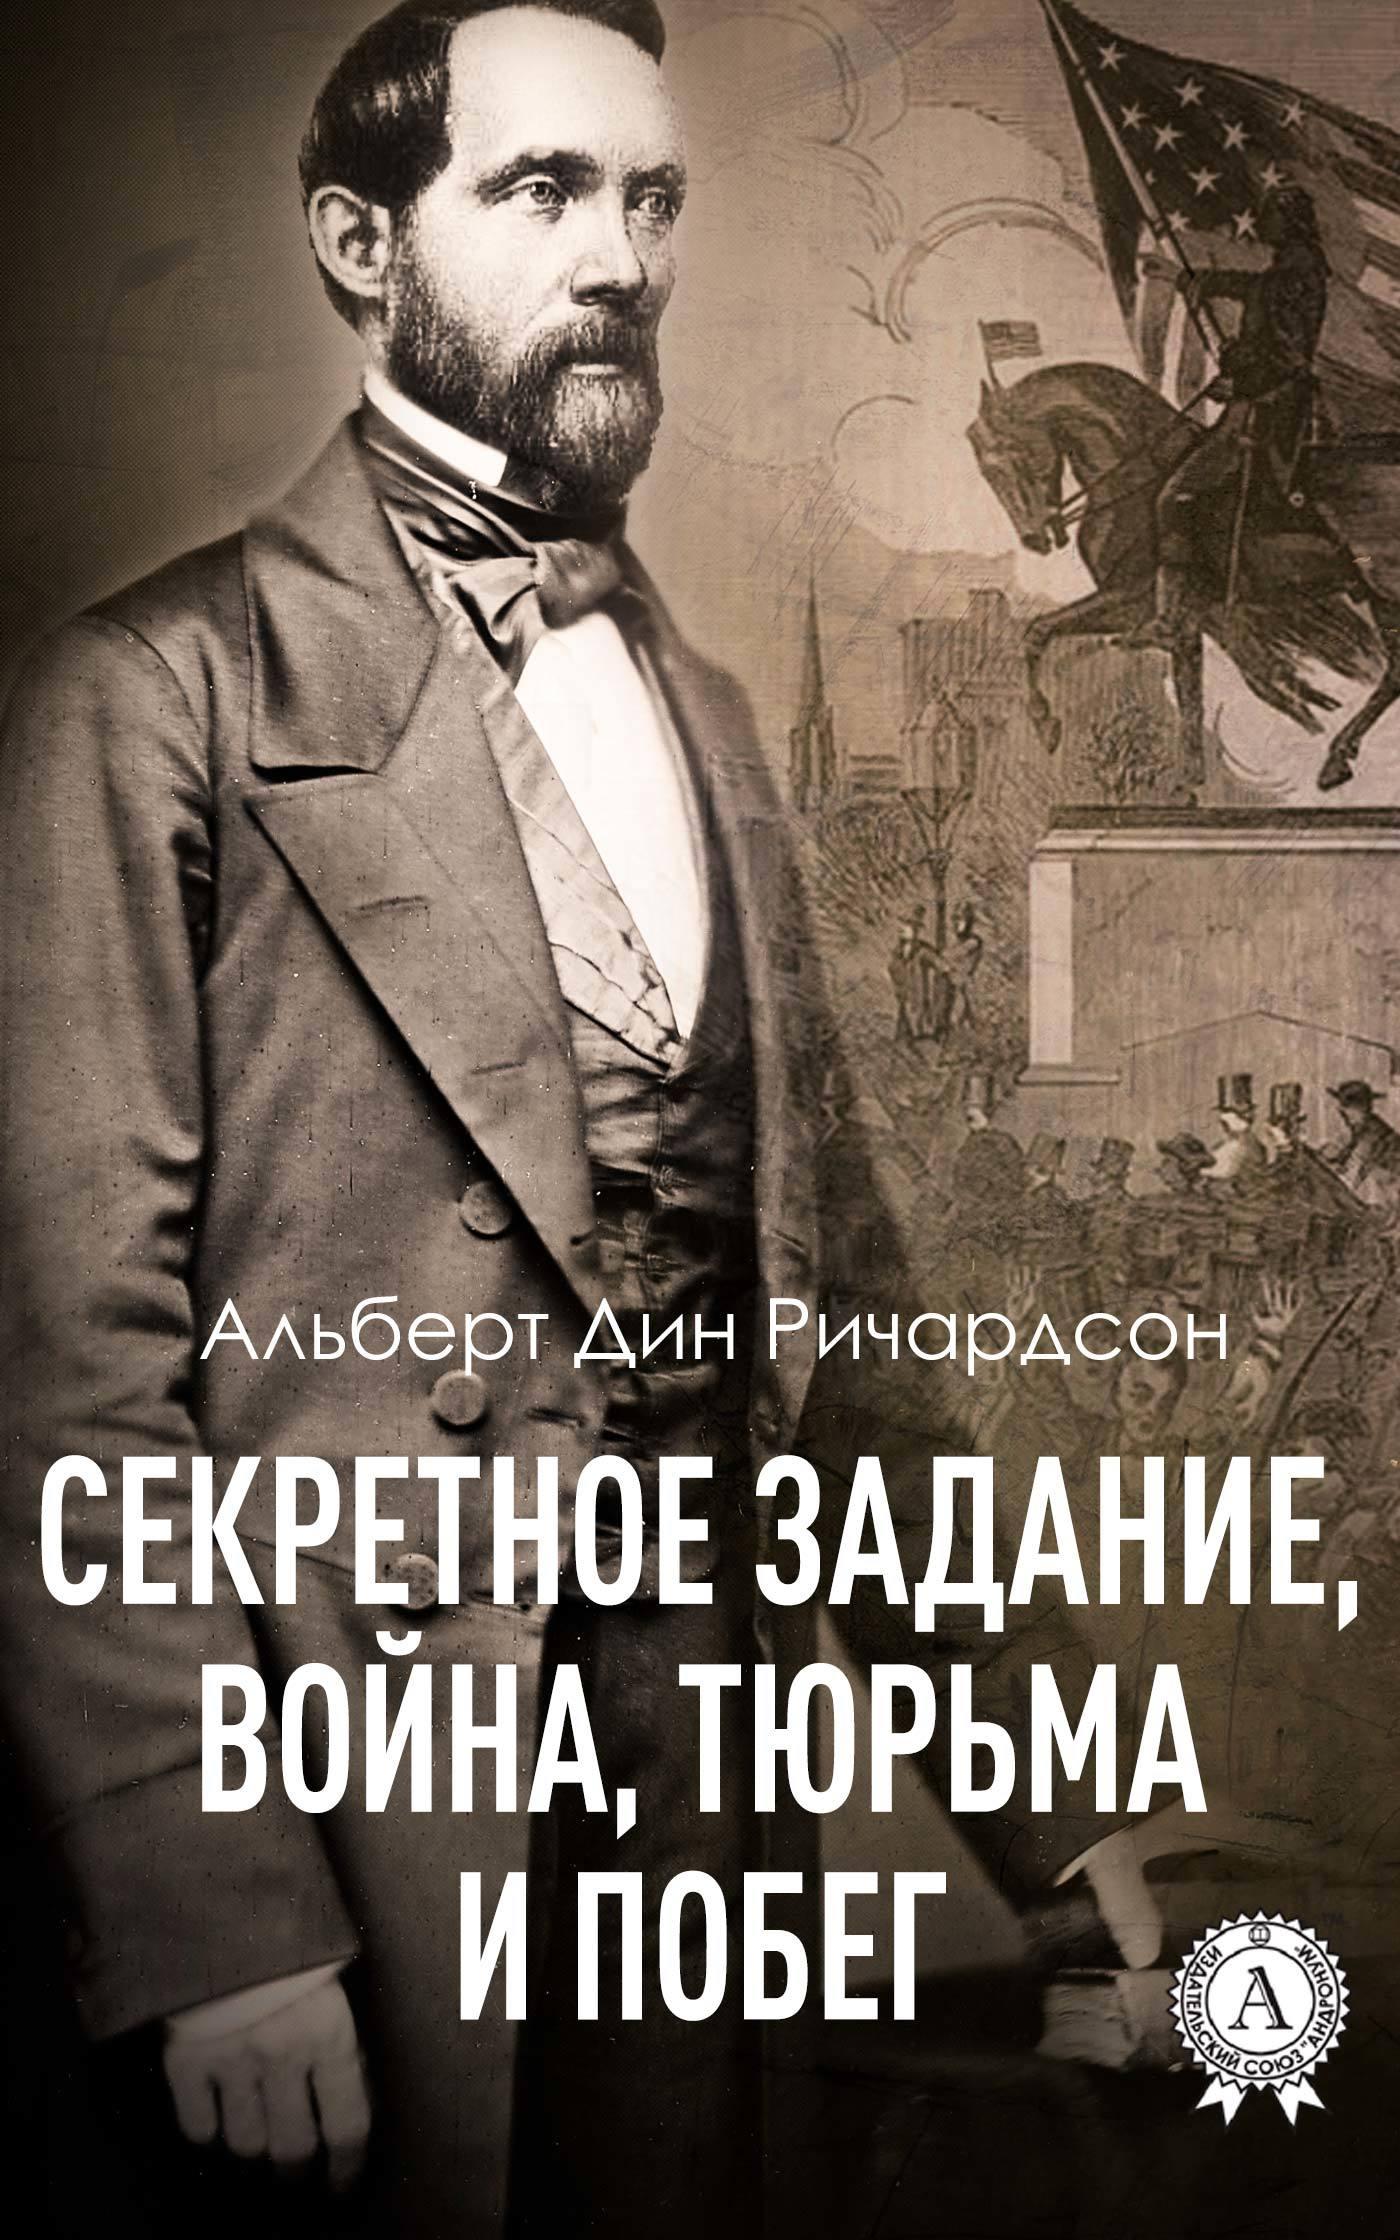 Альберт Дин Ричардсон Секретное задание, война, тюрьма и побег